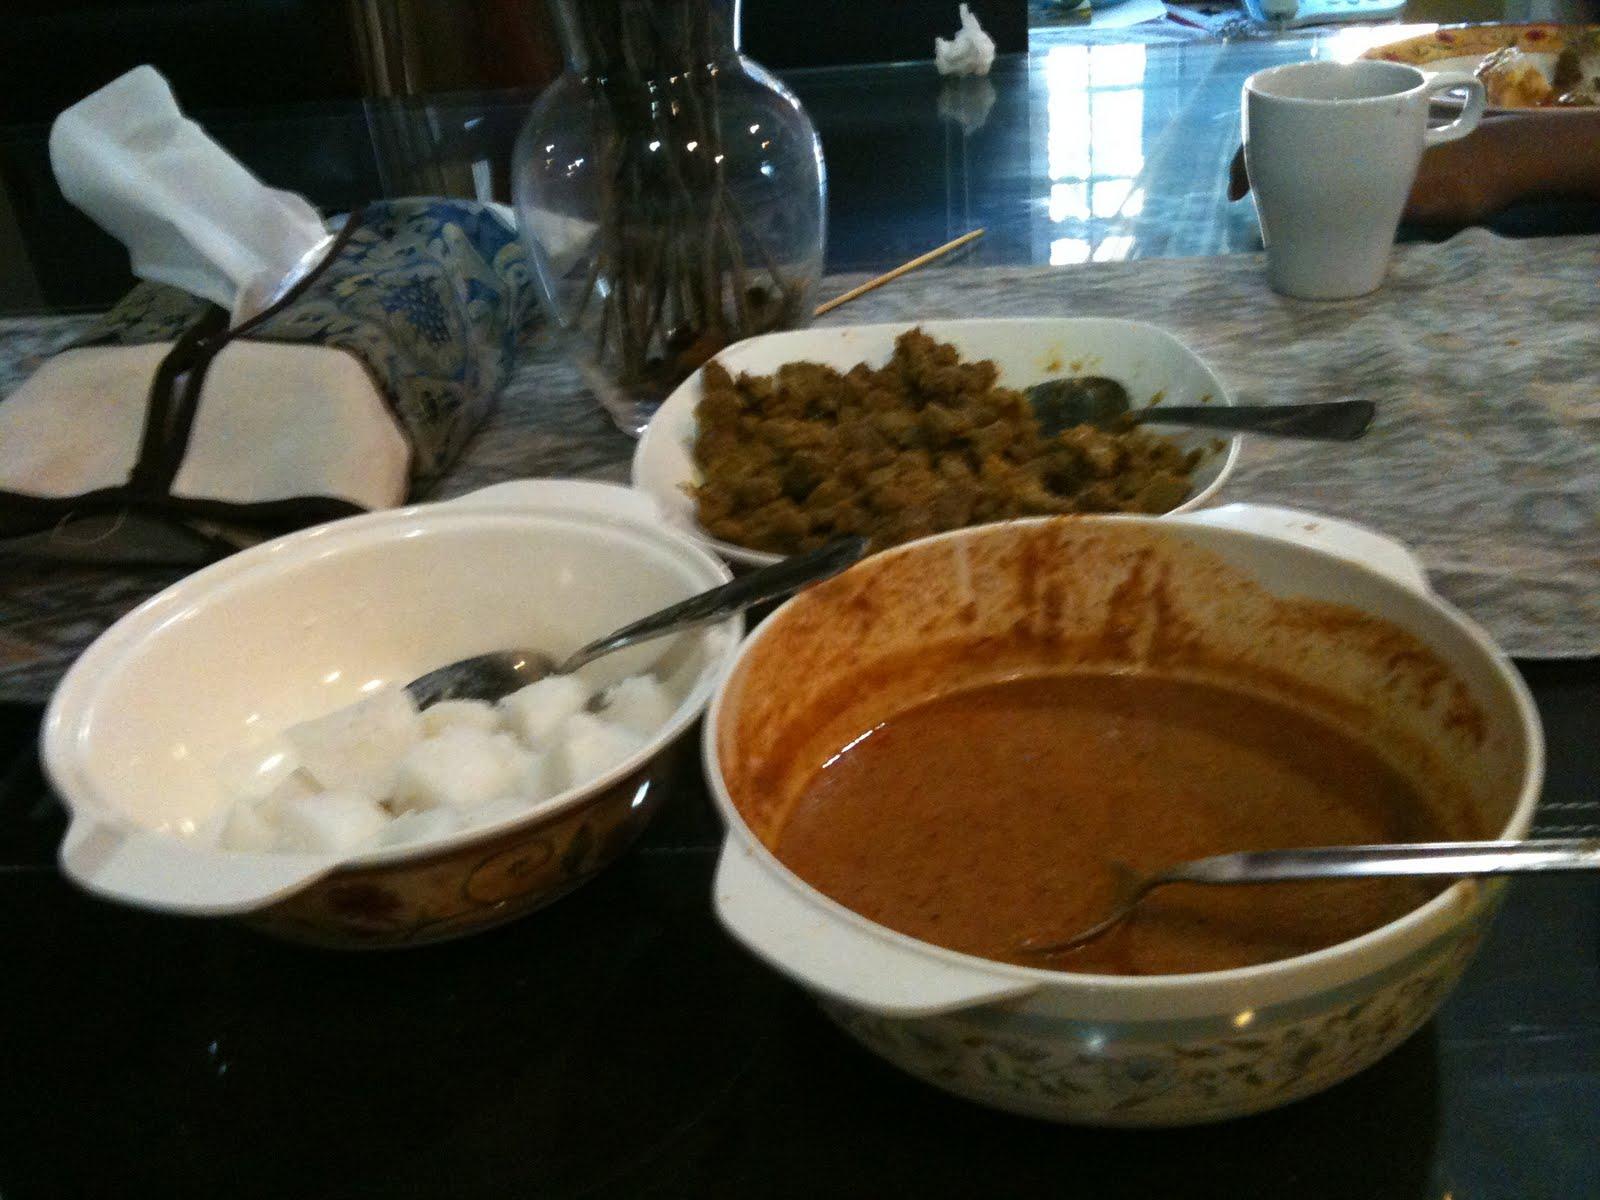 Satay Sedap : Rempah Satay diy, Resepi Percuma - Satay D.I.Y